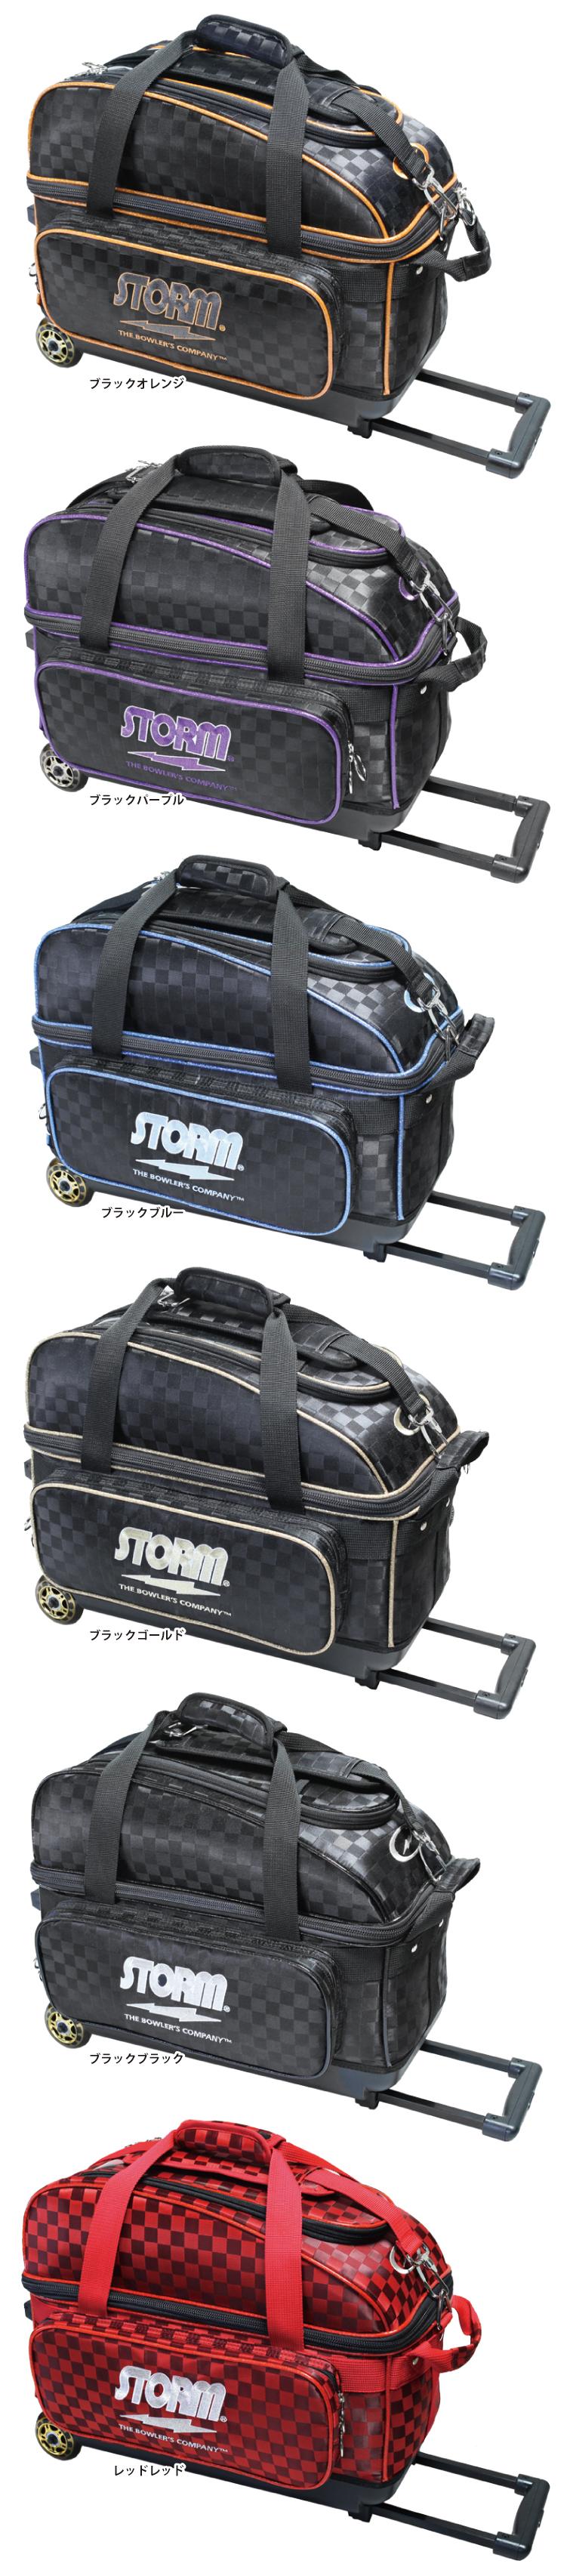 ボウリング用品 ボウリングバッグ ストーム STORM 2ボールキャリーバッグ SB149-DA